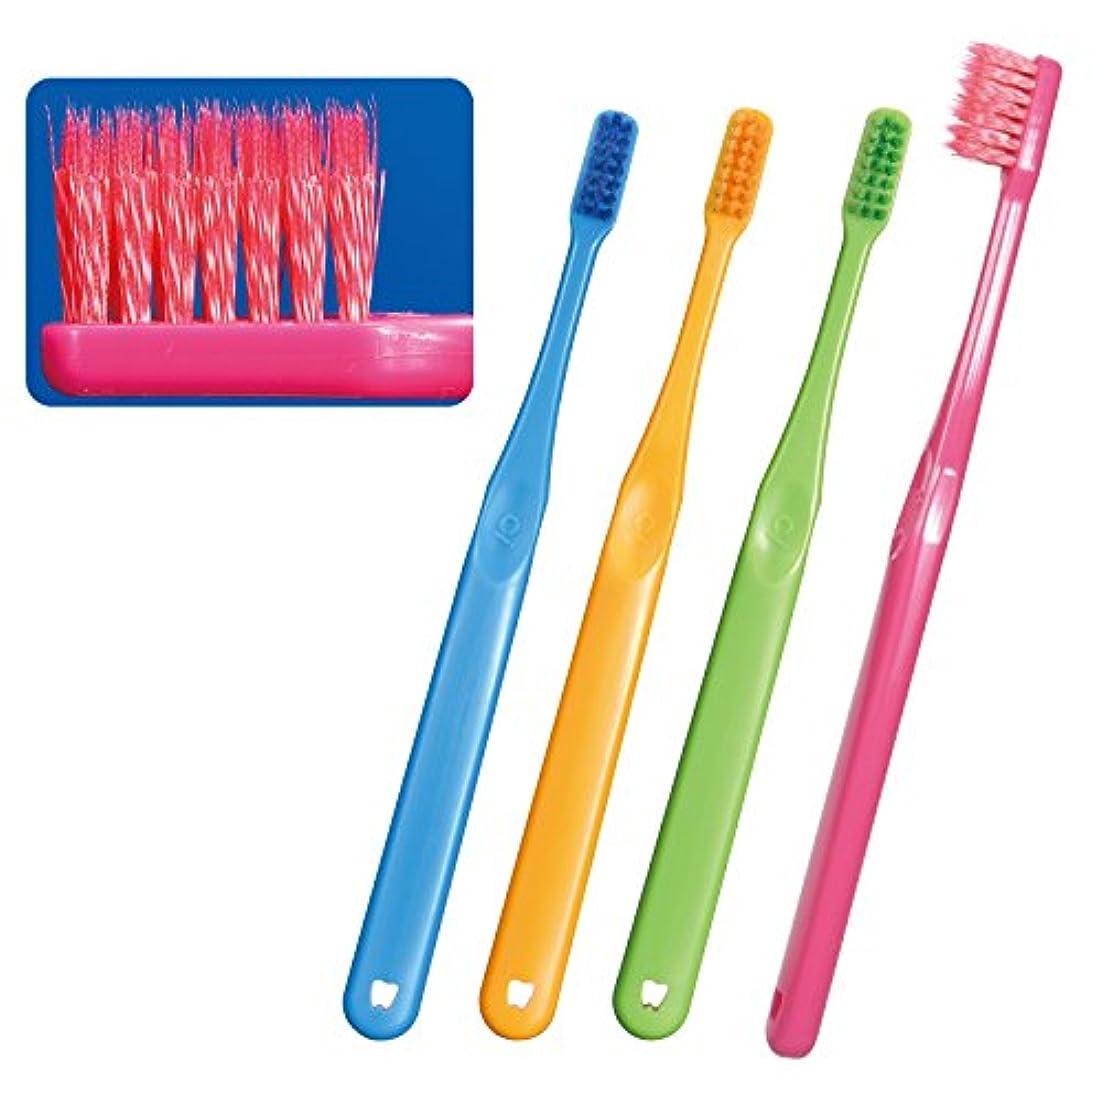 Ciメディカル Ci PRO PLUS スパイラル 歯ブラシ × 1本 歯科専売品